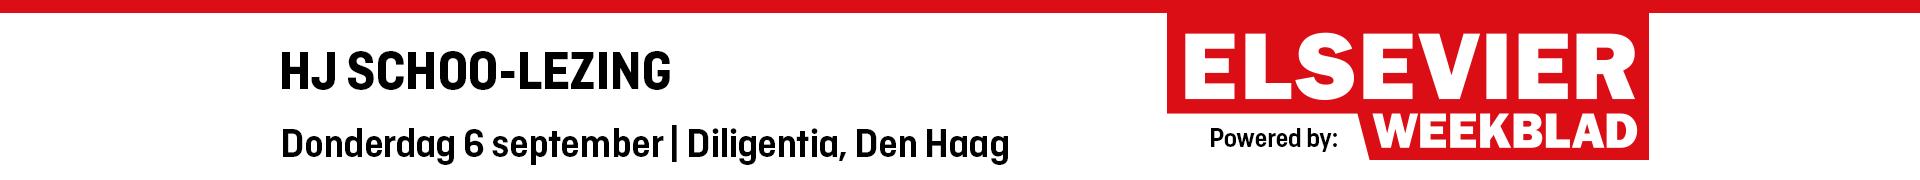 HJ Schoo-lezing 2018 (gasten/pers)